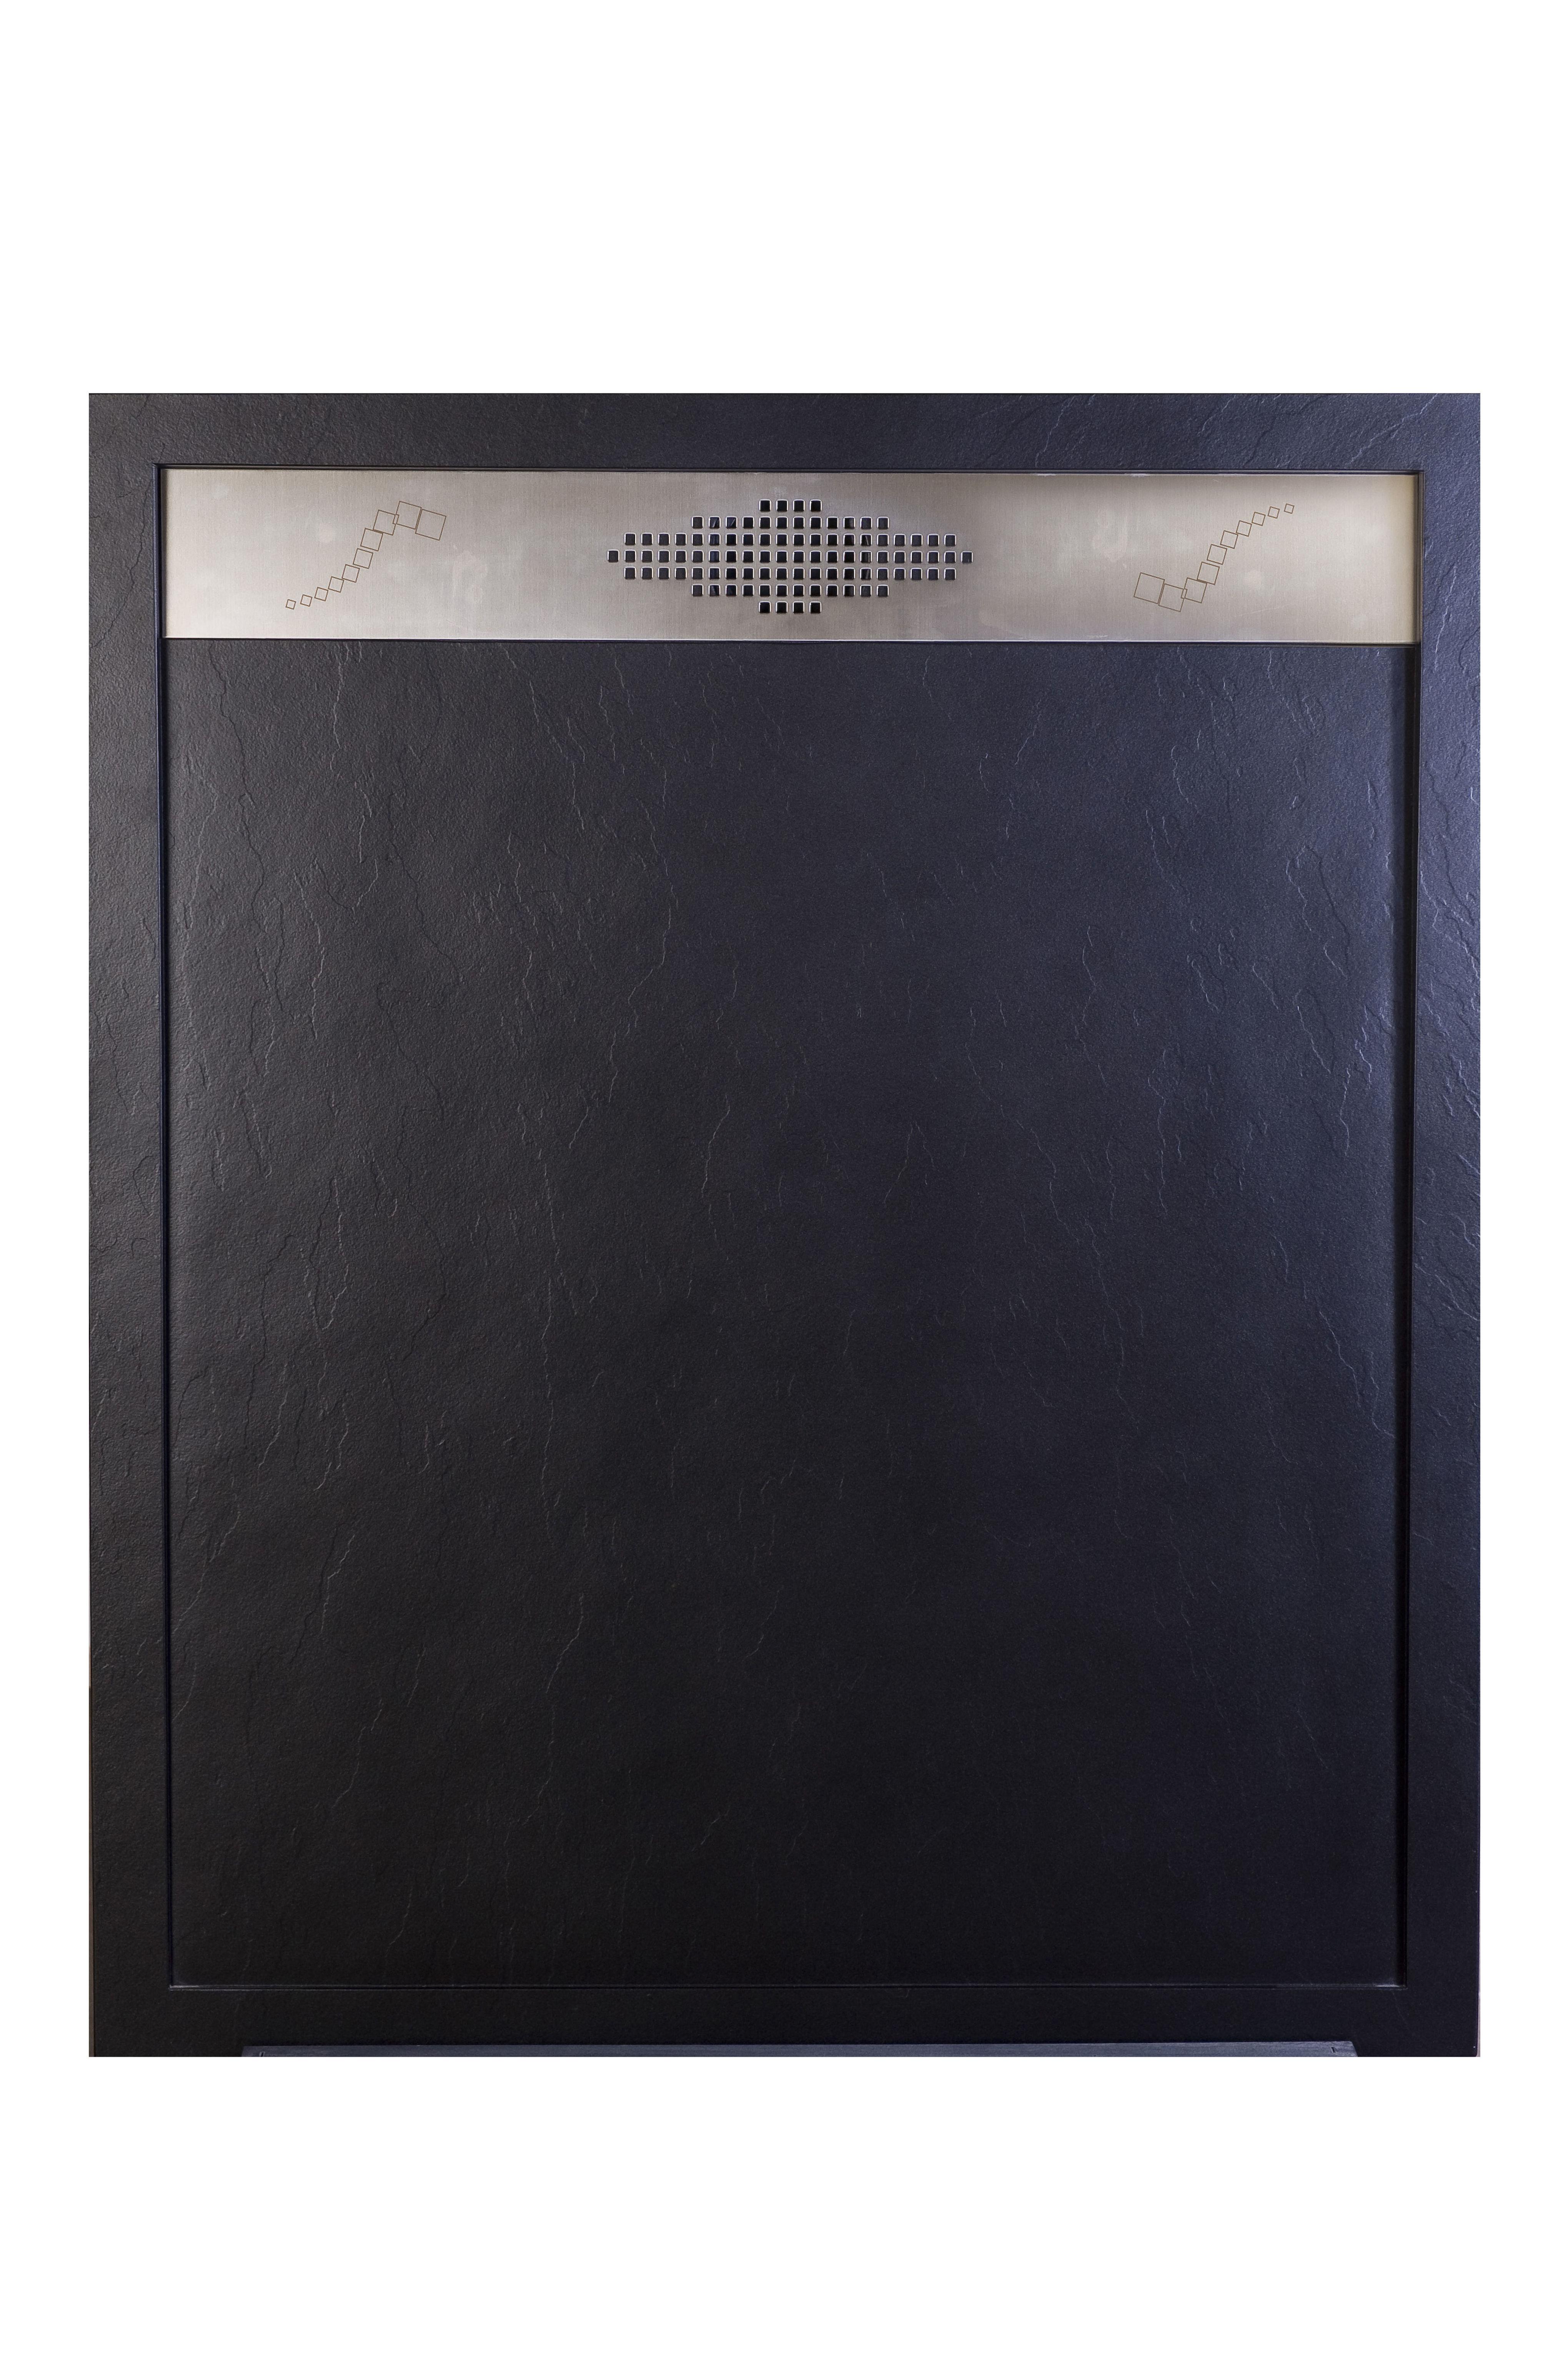 Pinturas para fabricantes de platos de ducha de resina